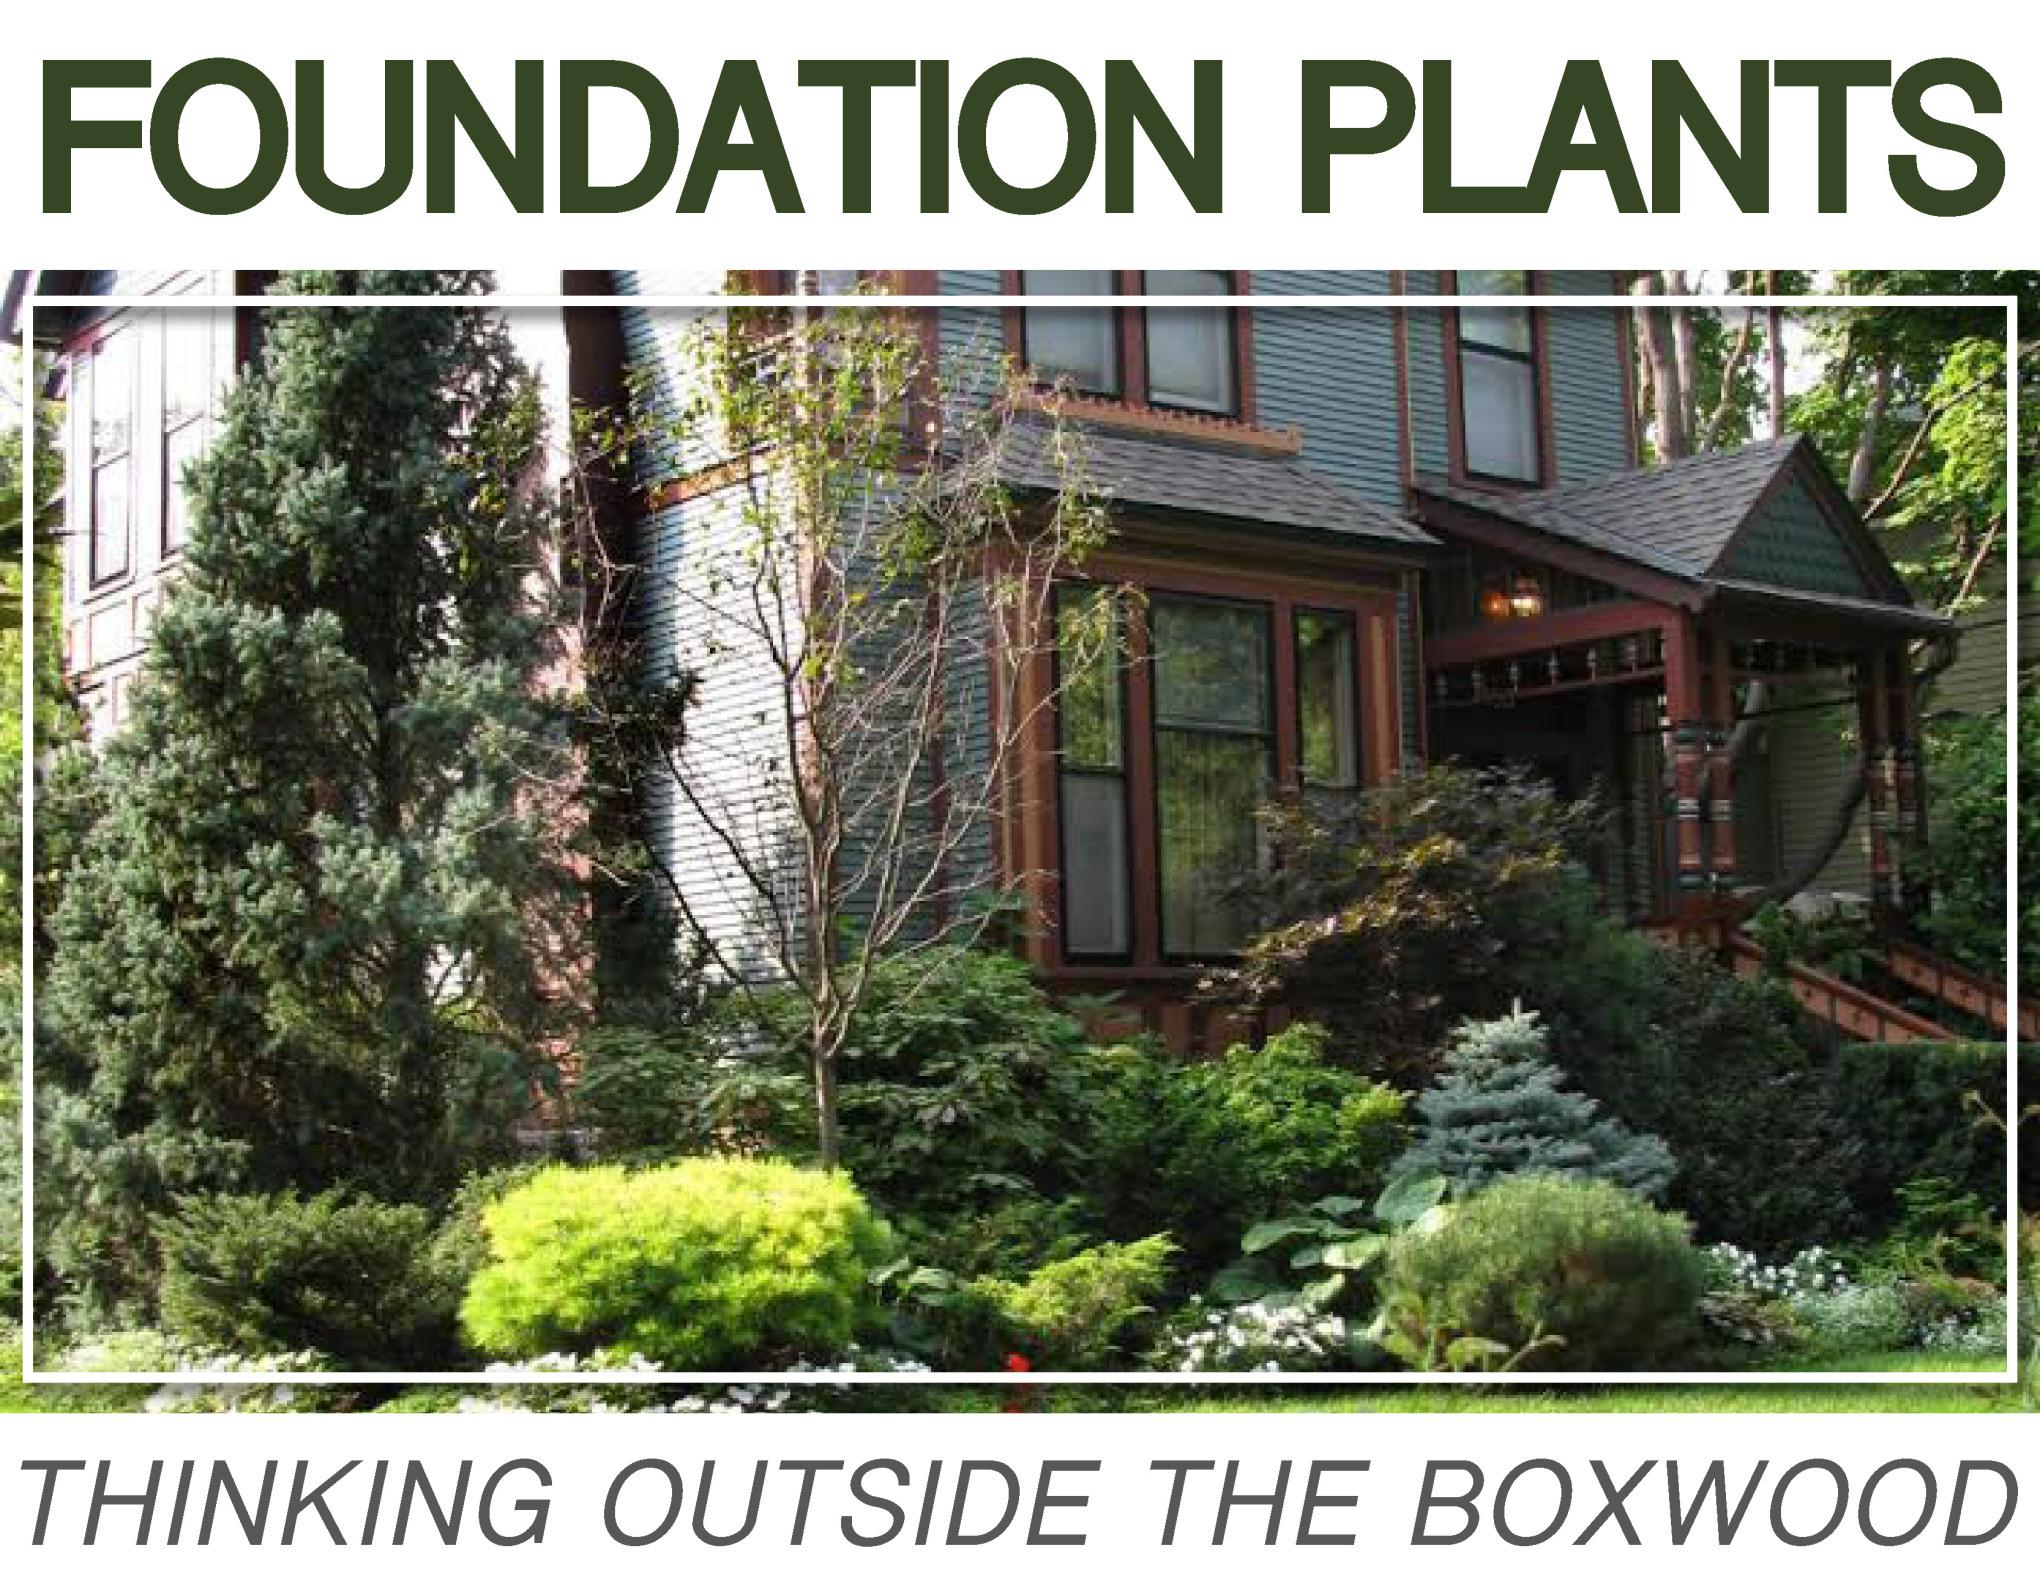 foundationplants.jpg